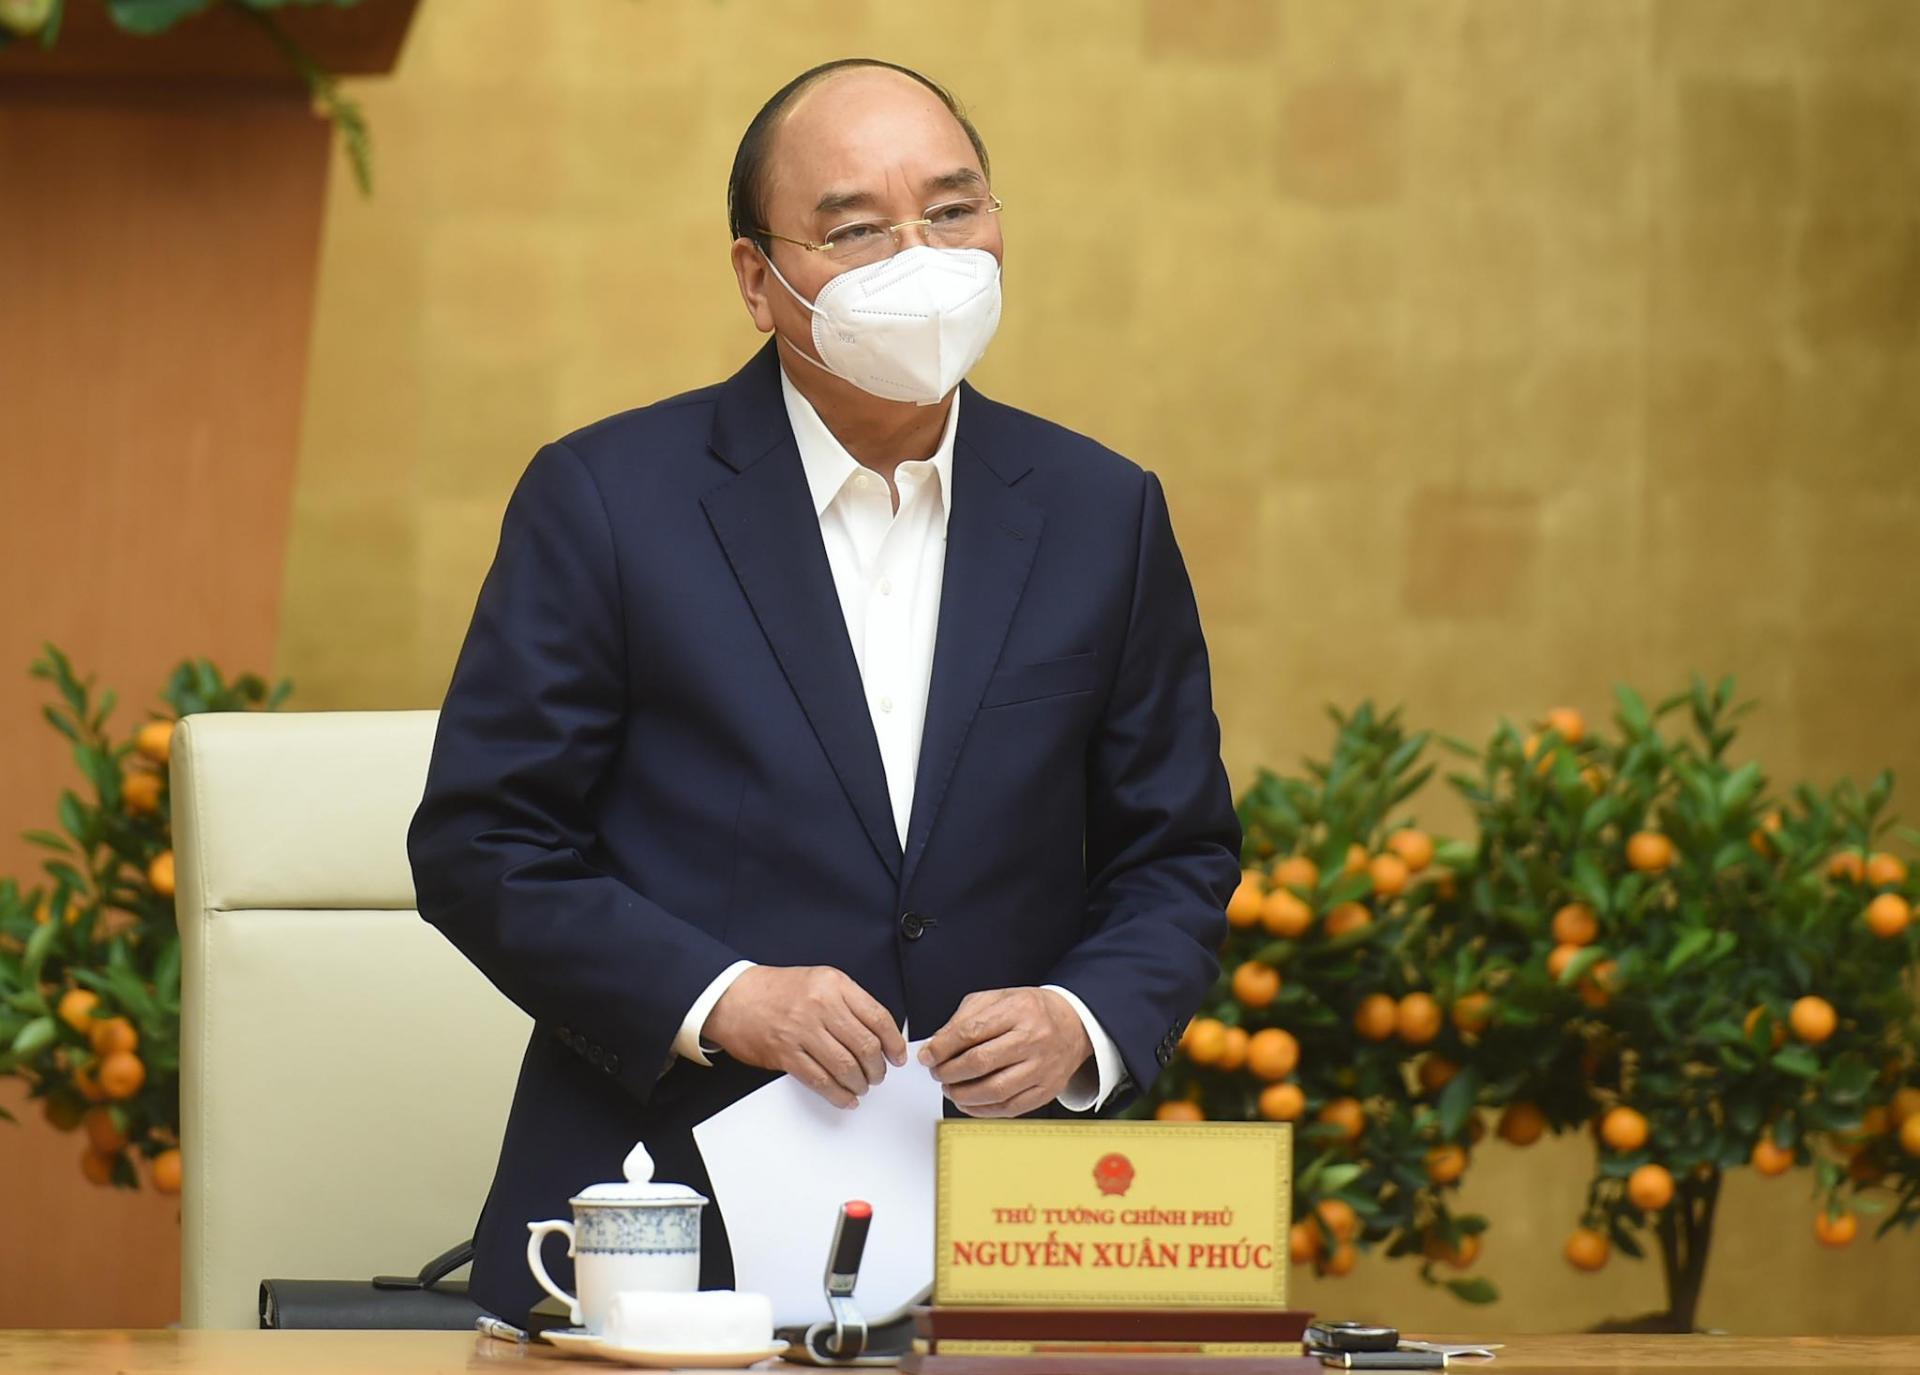 Thủ tướng Nguyễn Xuân Phúc: Các địa phương được áp dụng biện pháp mạnh để ngăn chặn dịch bệnh.